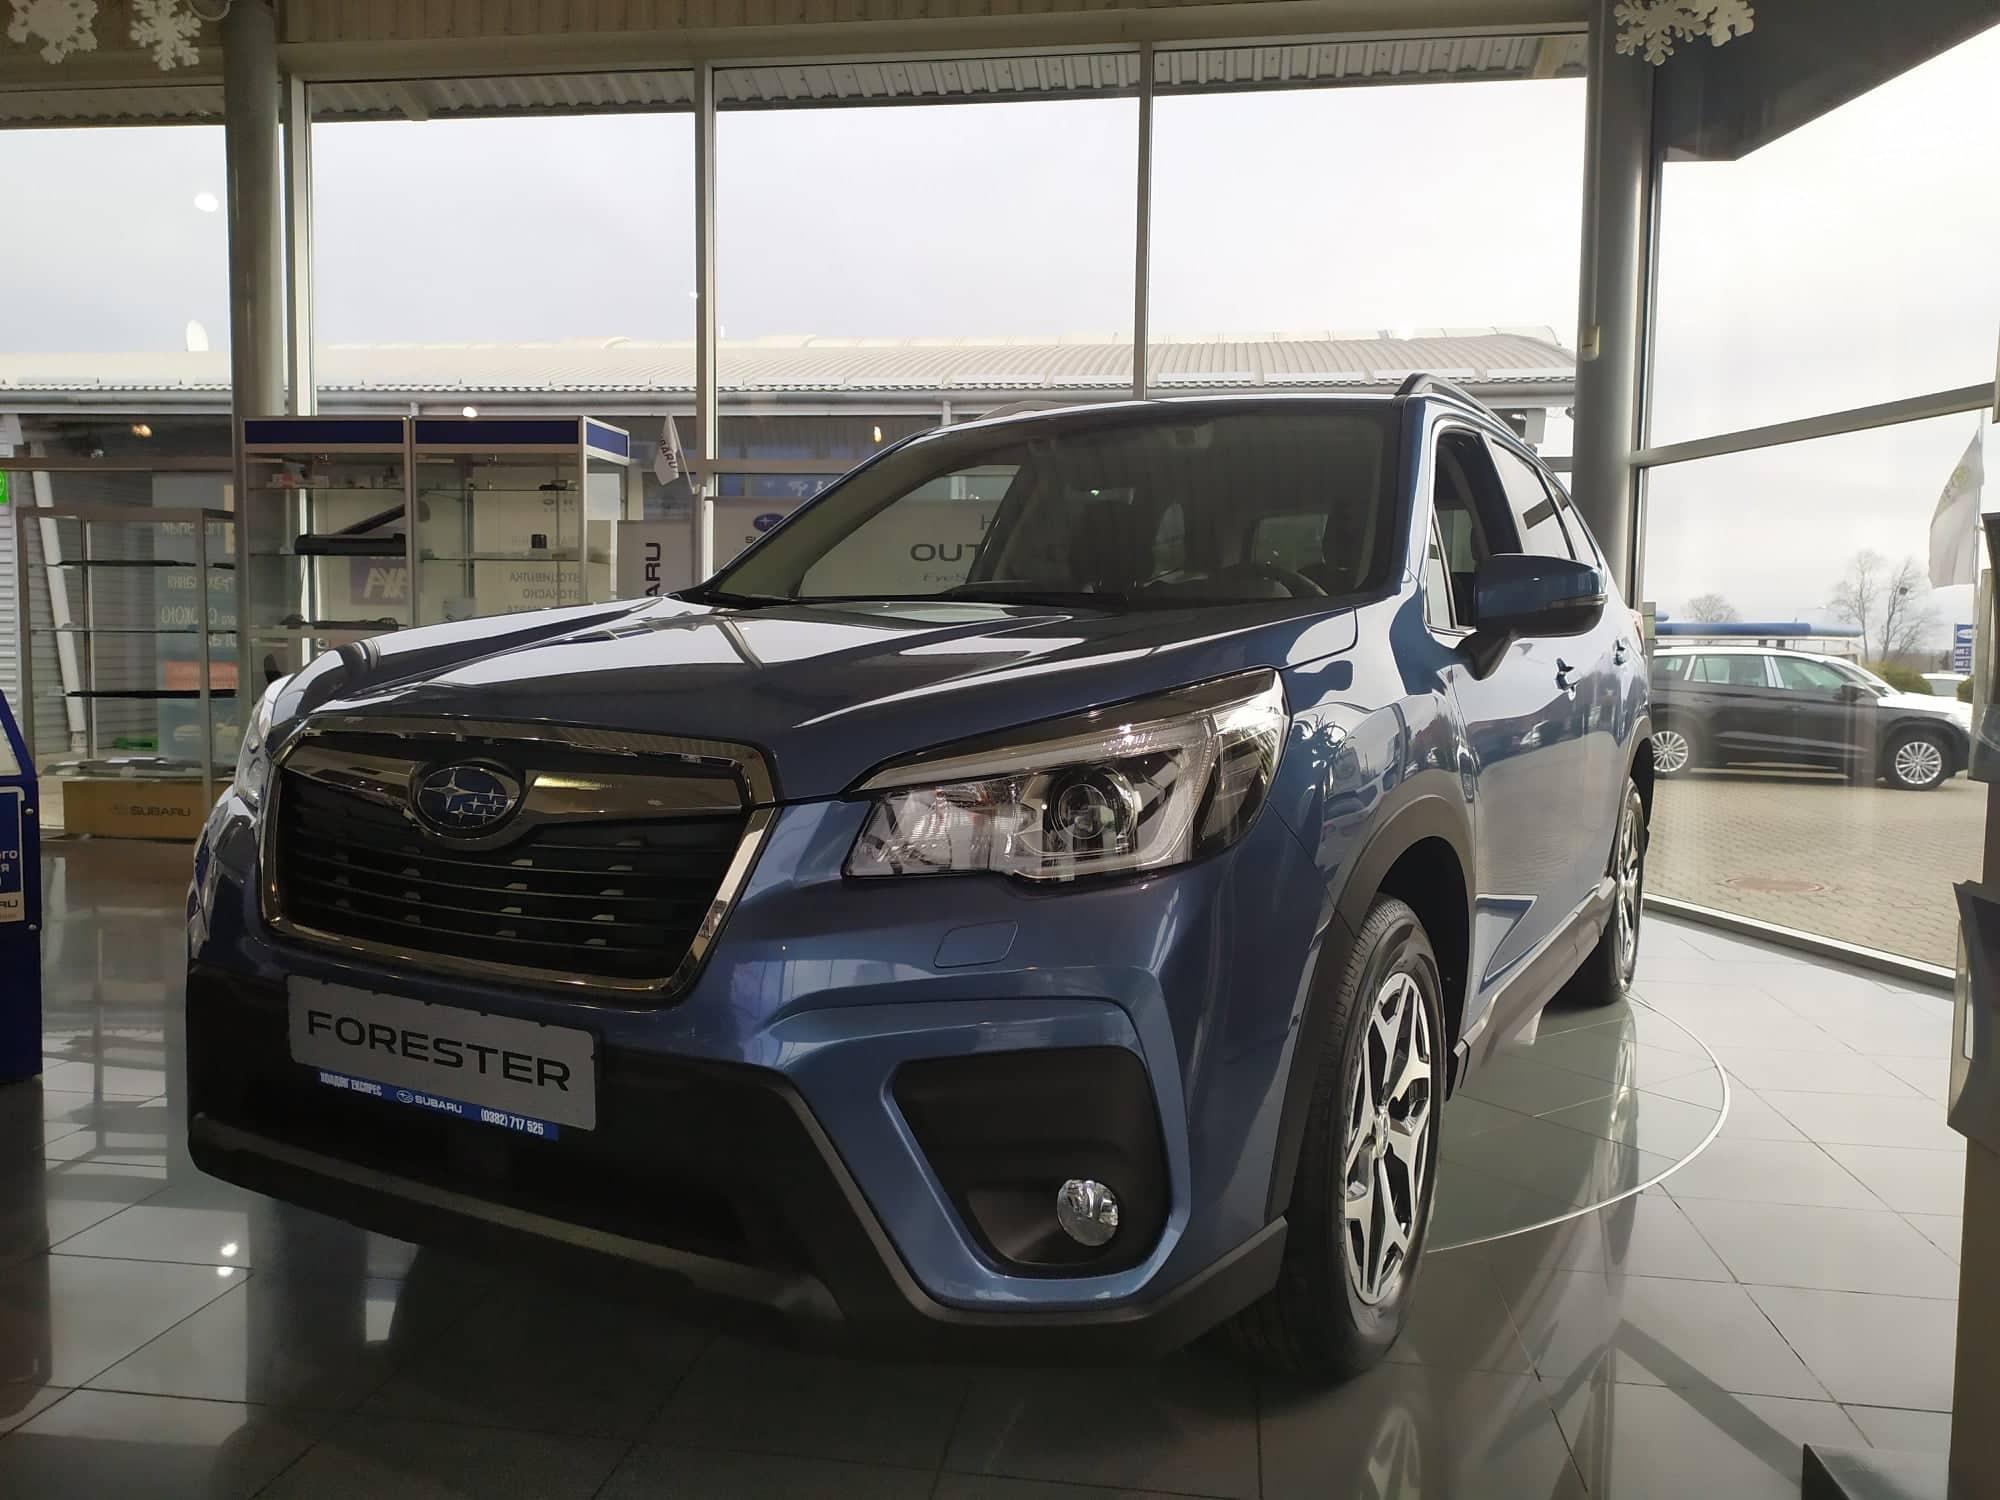 Subaru Forester признан самым безопасным авто 2019 среди компактных кроссоверов по версии Euro NCAP !!!